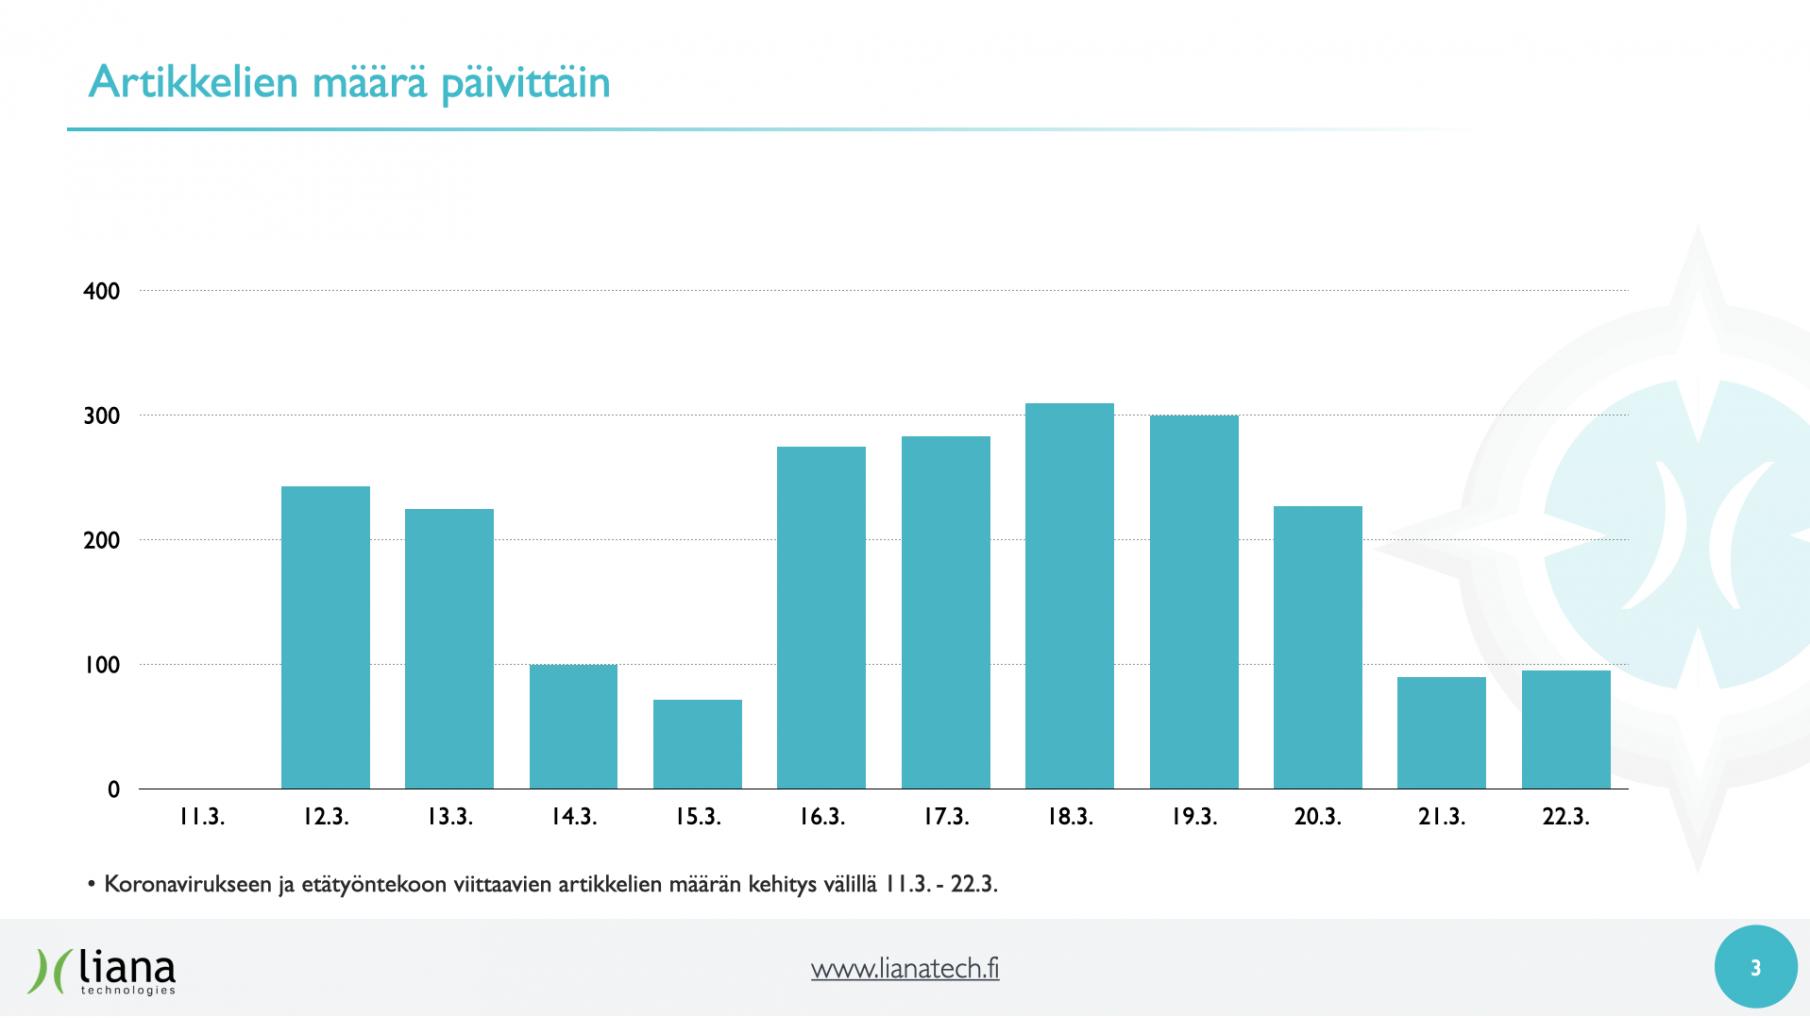 Koronavirukseen ja etätyöntekoon viittaavien artikkelien määrän kehitys